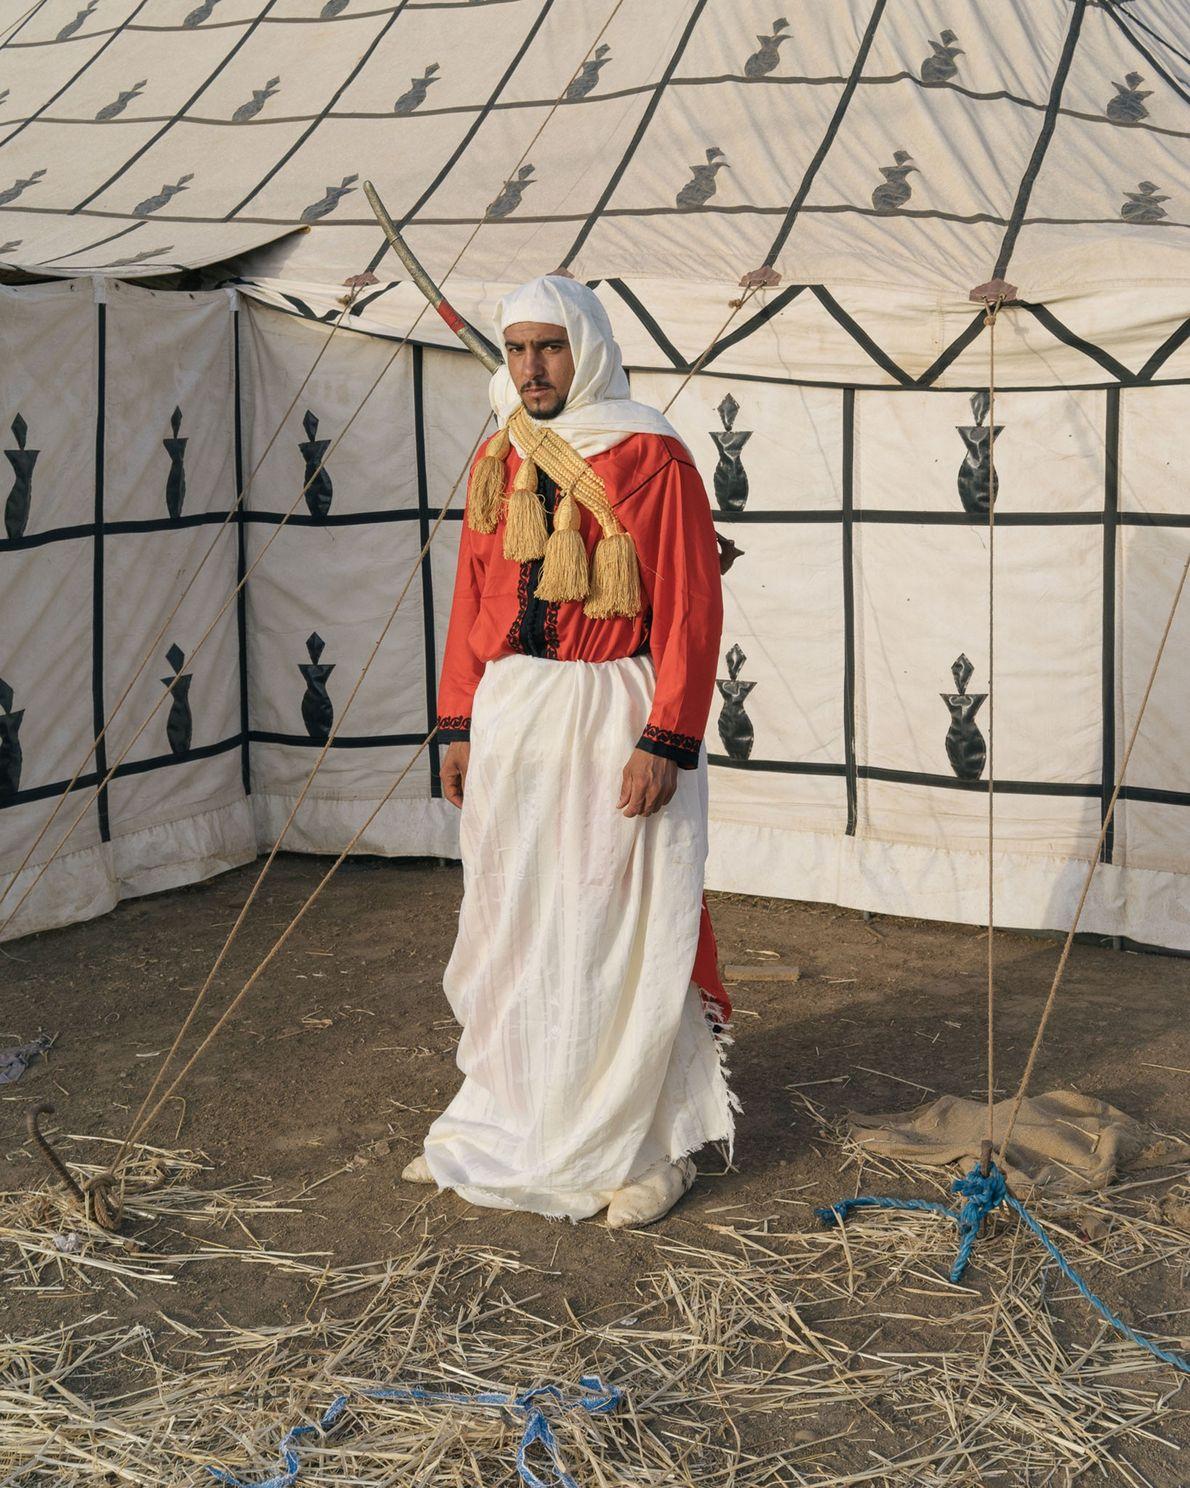 Un cavalier prend la pose devant la tente de sa troupe. Au cours de la fantasia, ...